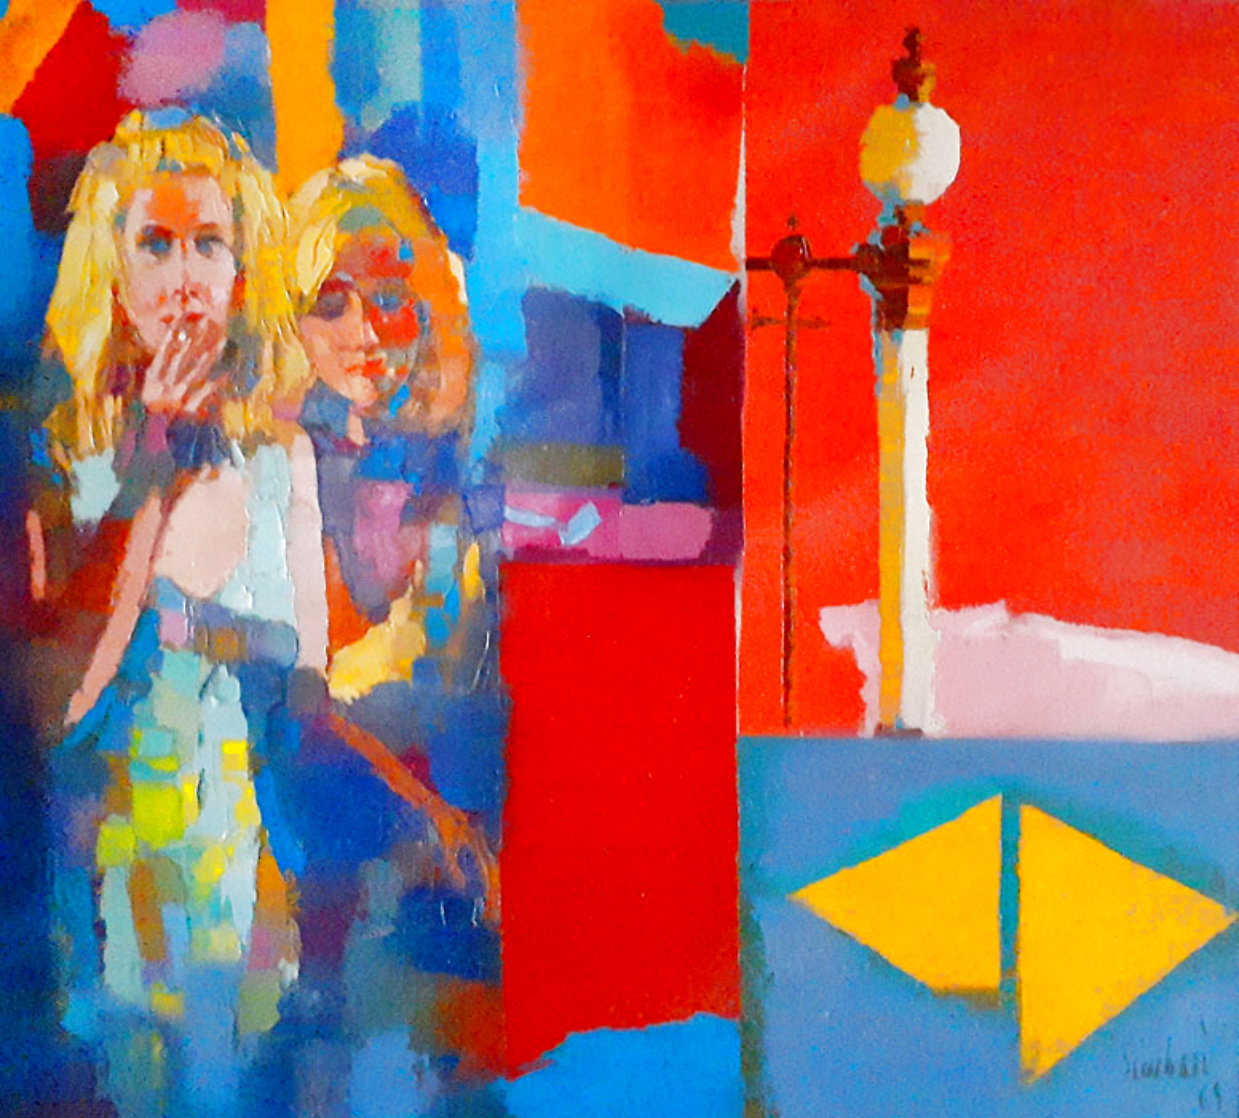 Red Room 44x44 Super Huge Original Painting by Nicola Simbari